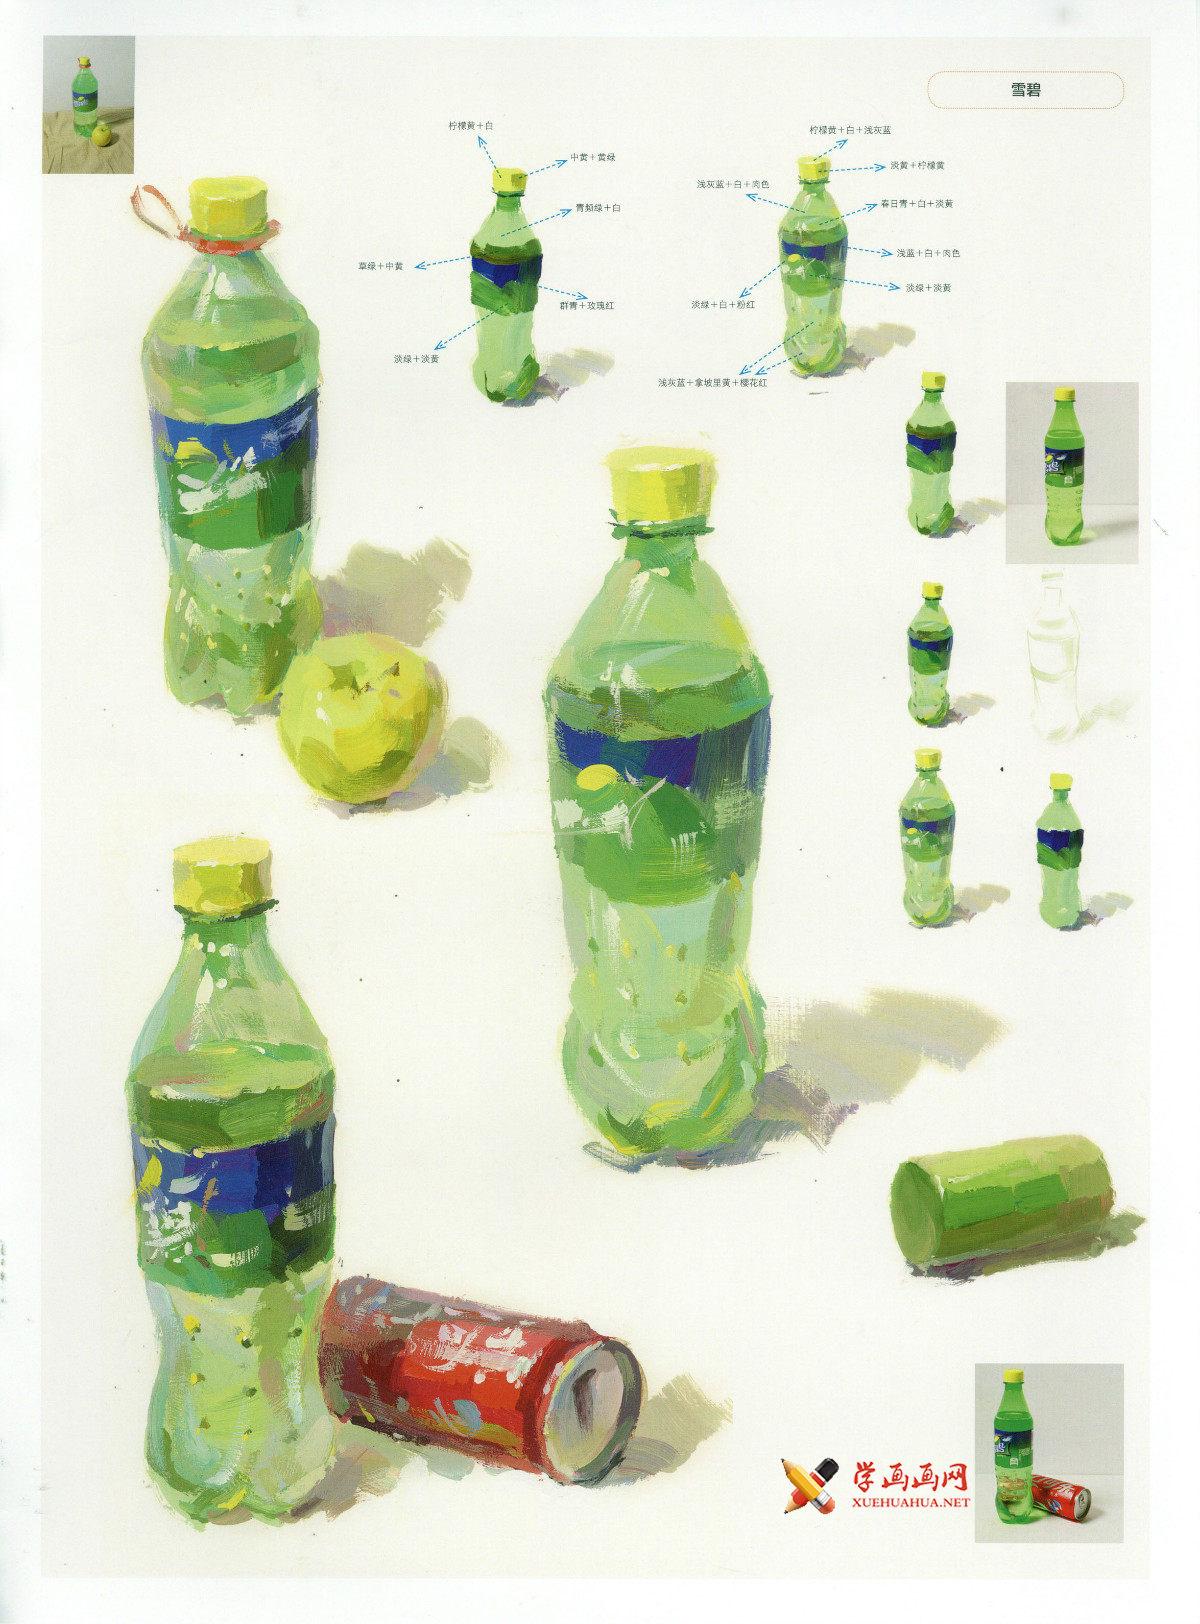 水粉画静物单体雪碧瓶的画法图示要点(1)